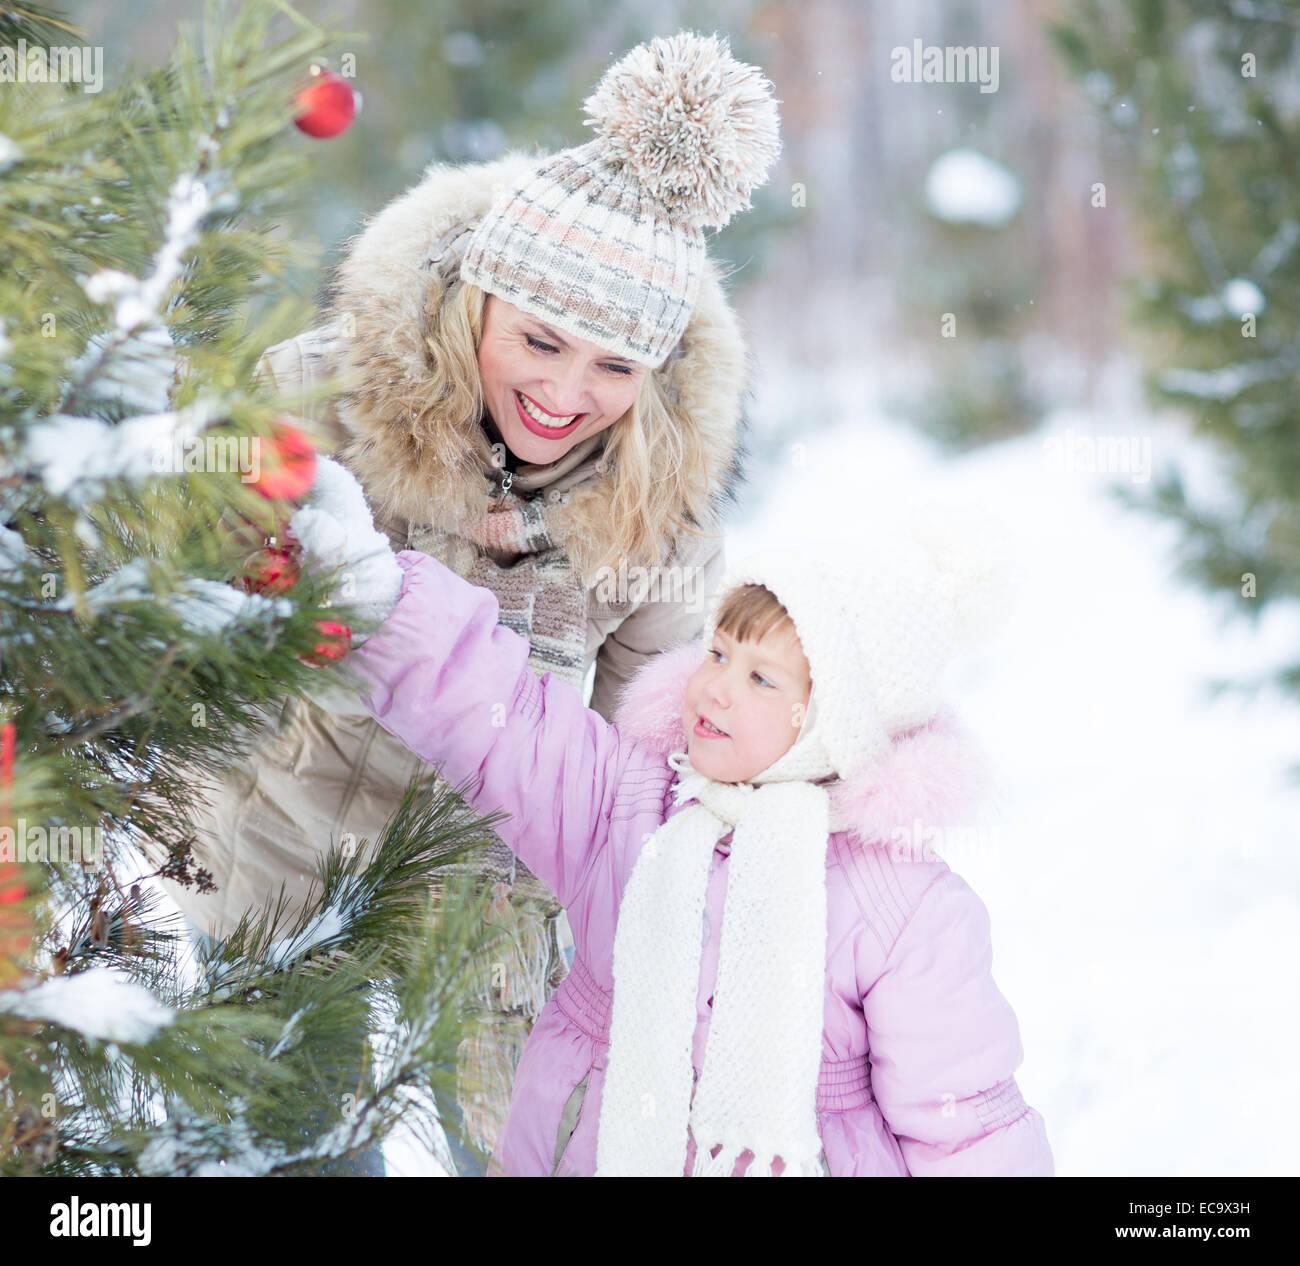 Glückliche Familie Mutter und Kind spielt mit Weihnachtsbaum Dekoration im freien Stockbild